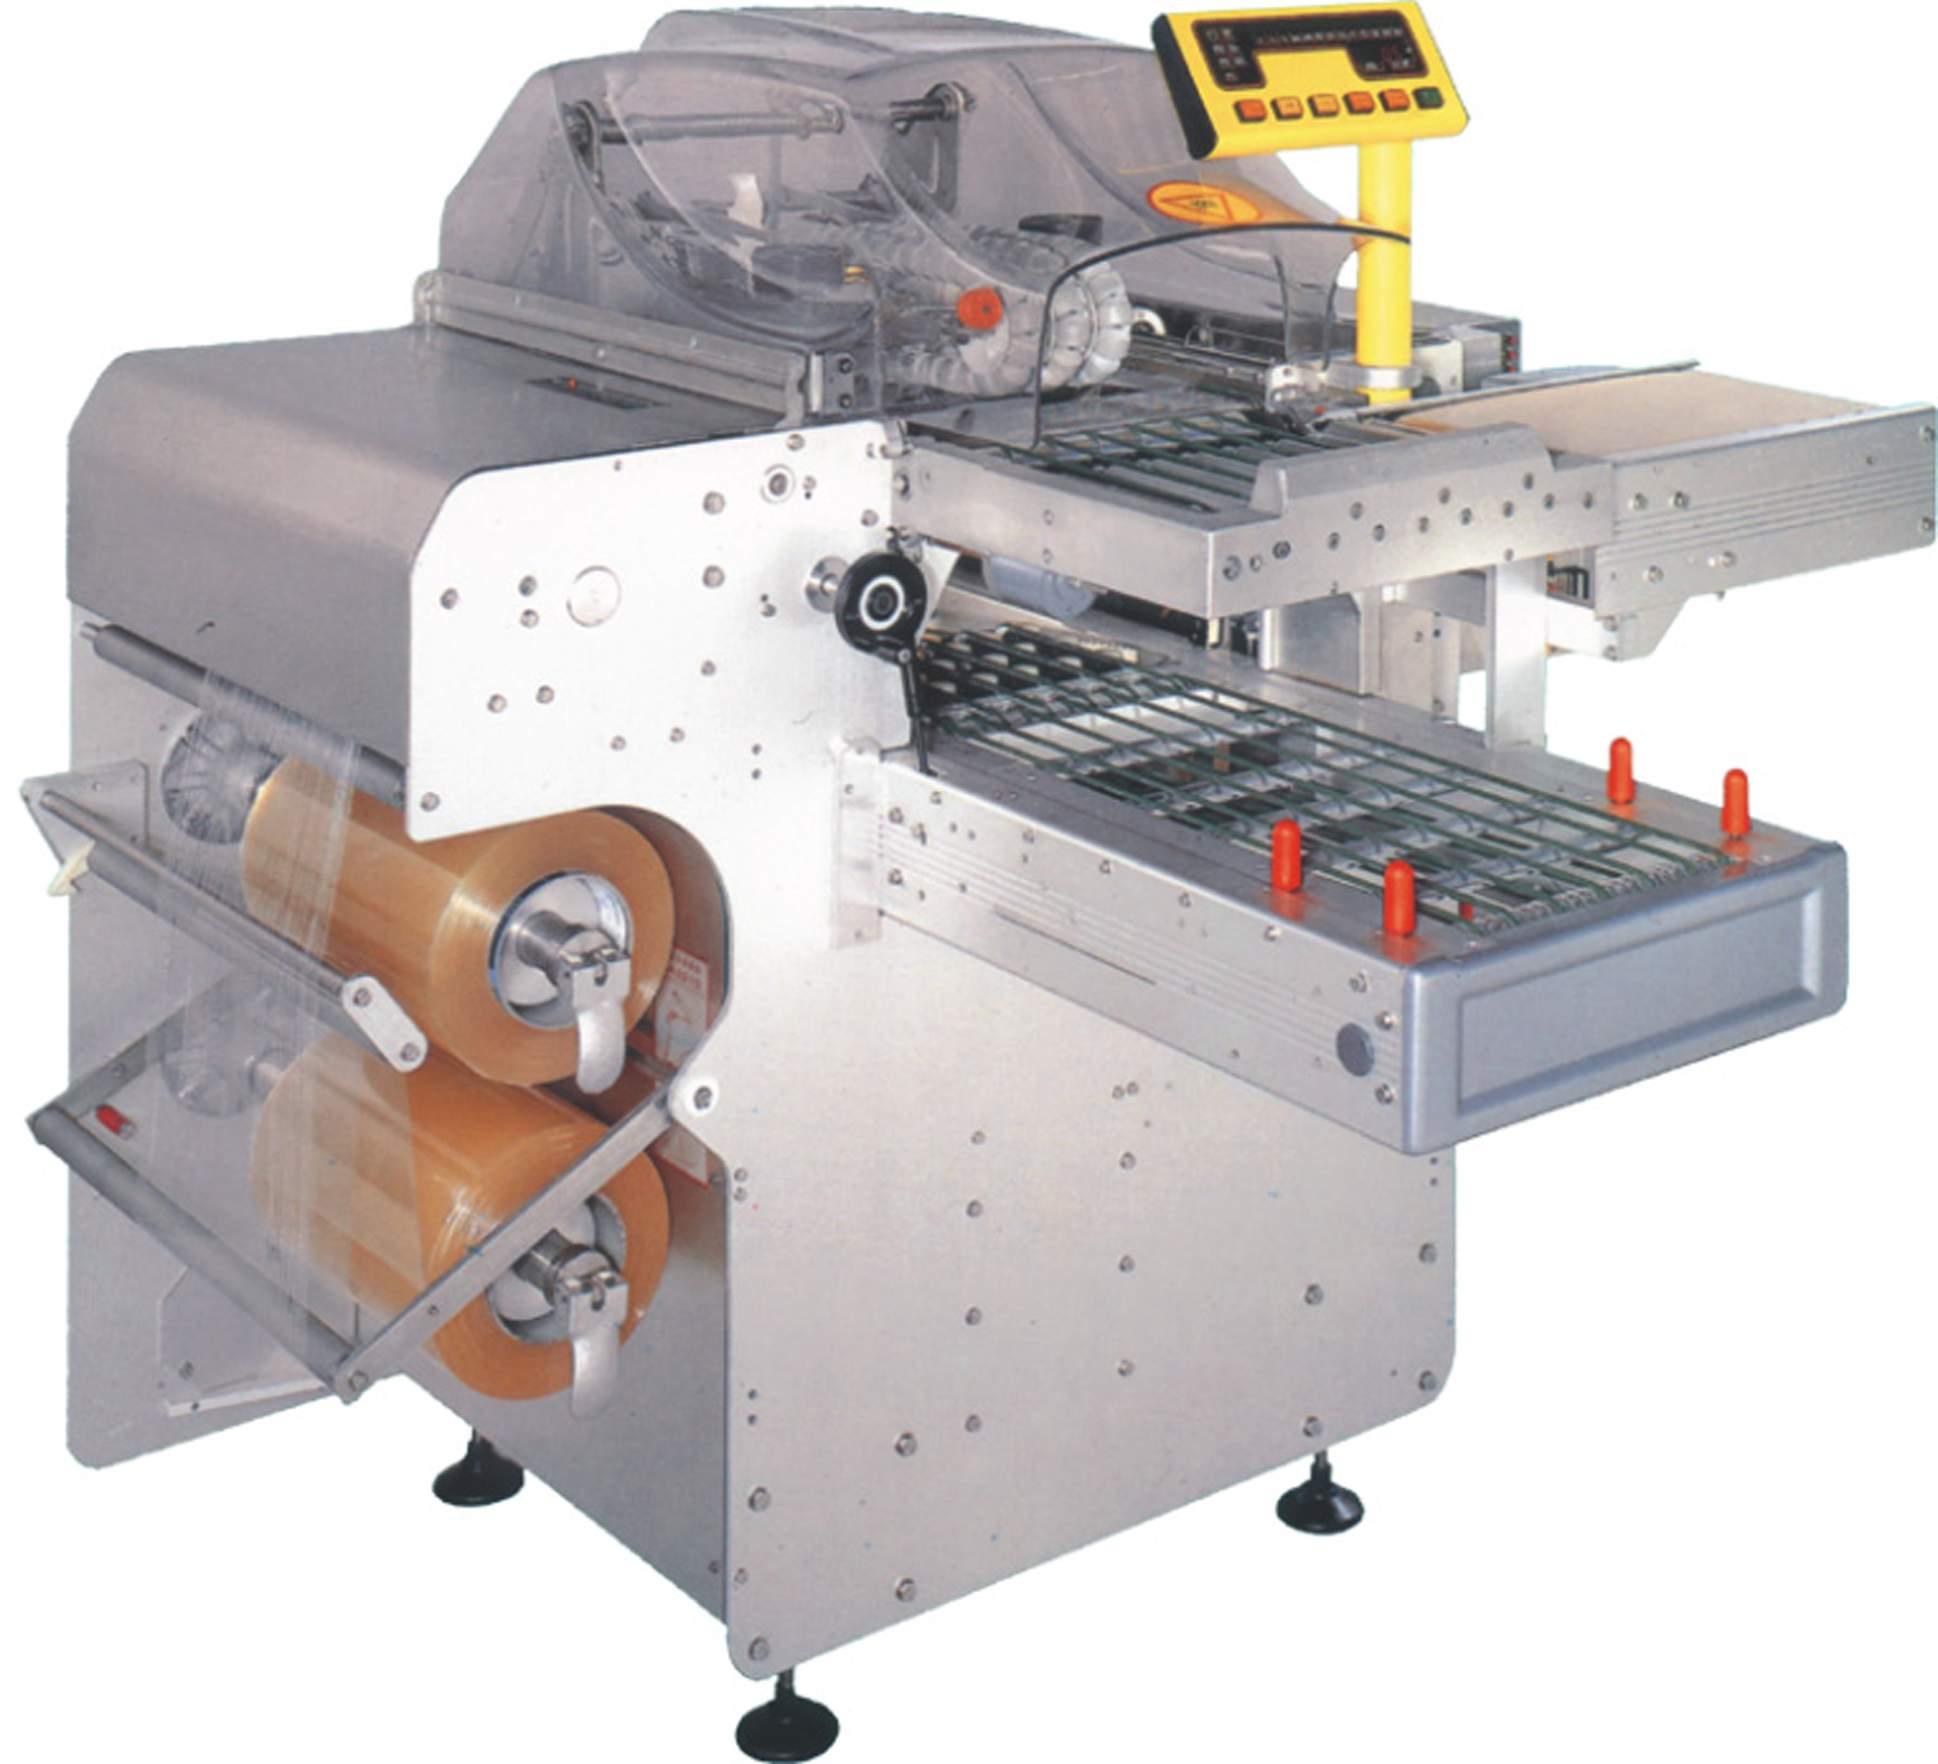 Оборудование для упаковки продуктов на подложке в пищевую стретч-пленку (стрейч) :: современные упаковочные технологии